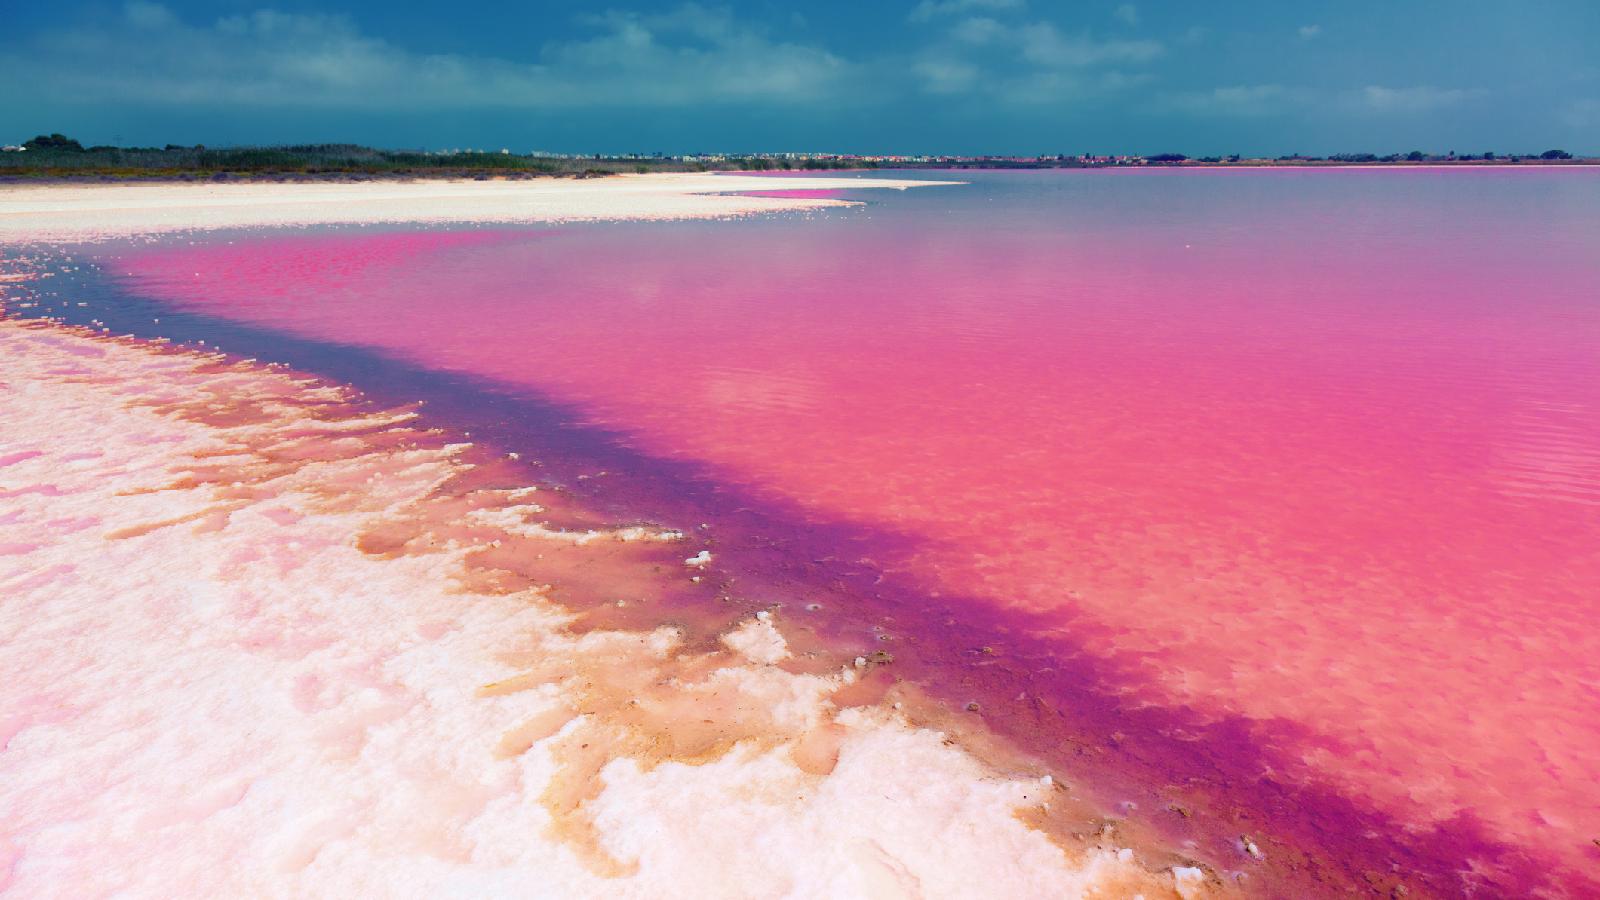 Deshalb sind diese Seen pink